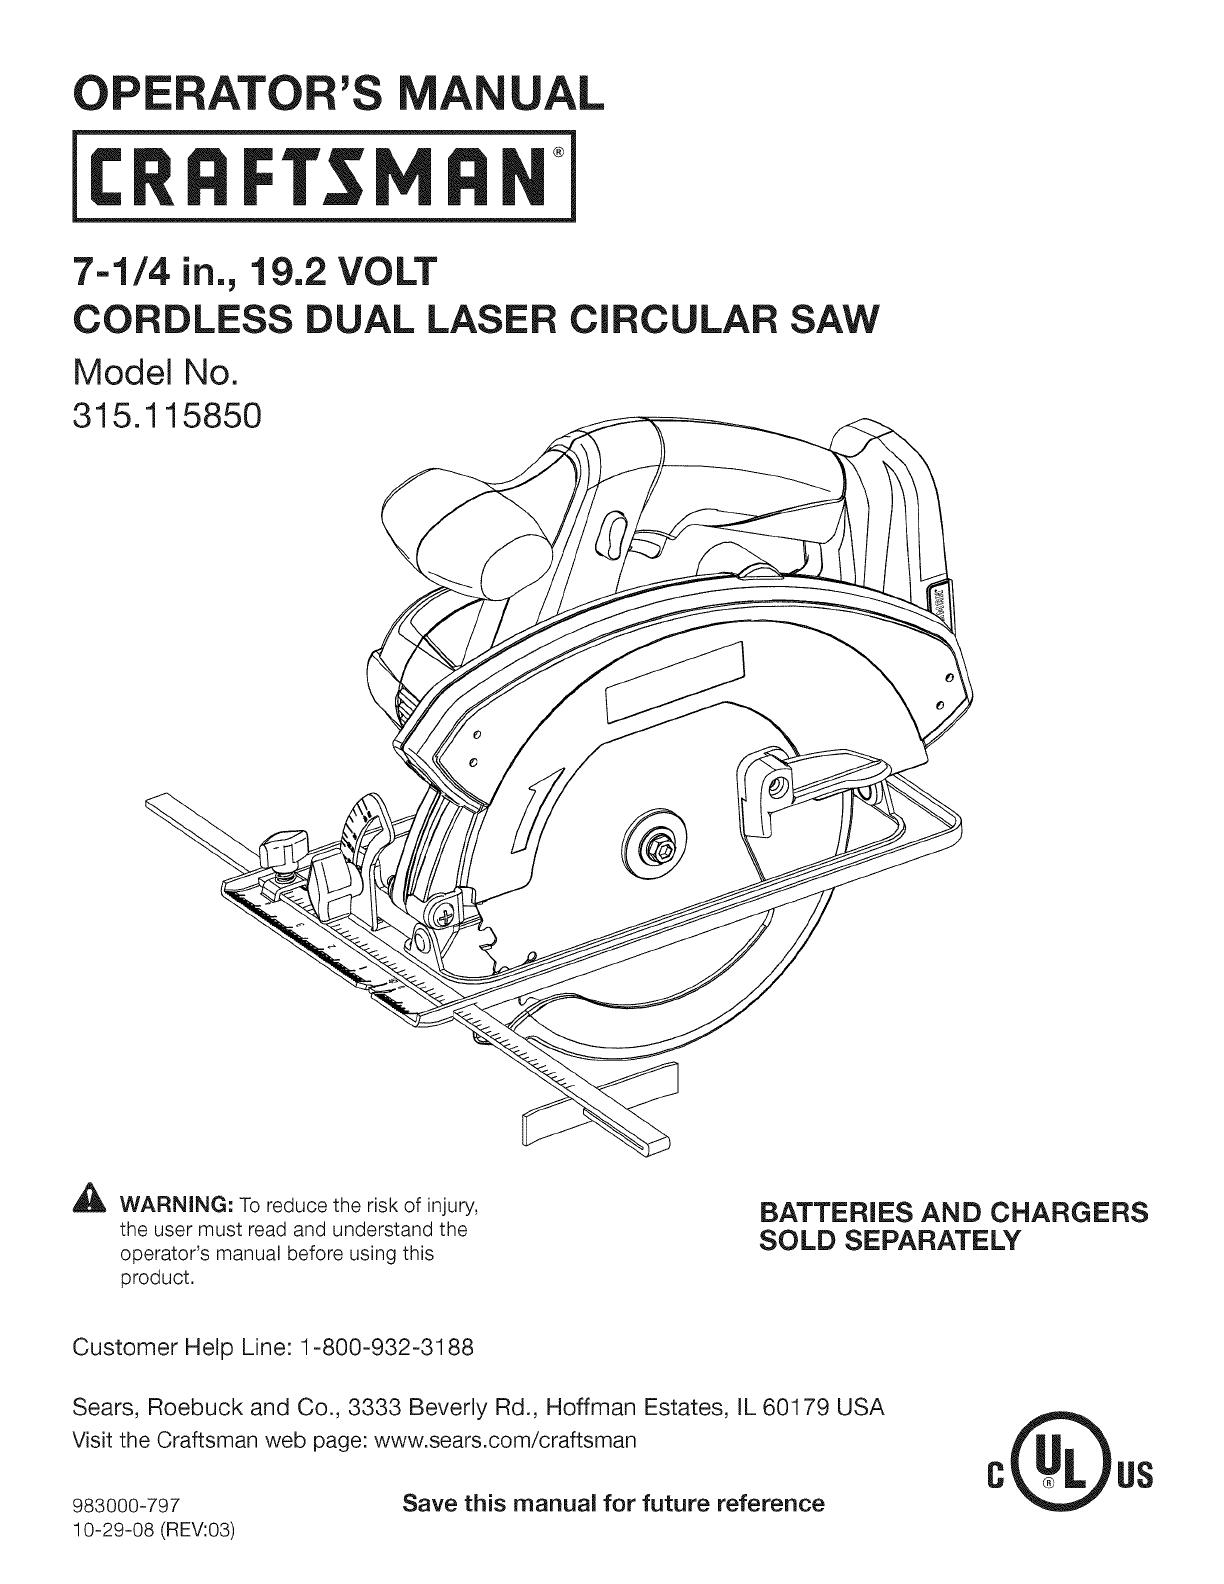 Craftsman 315115850 User Manual CIRCULAR SAW Manuals And Guides L0905109UserManual.wiki